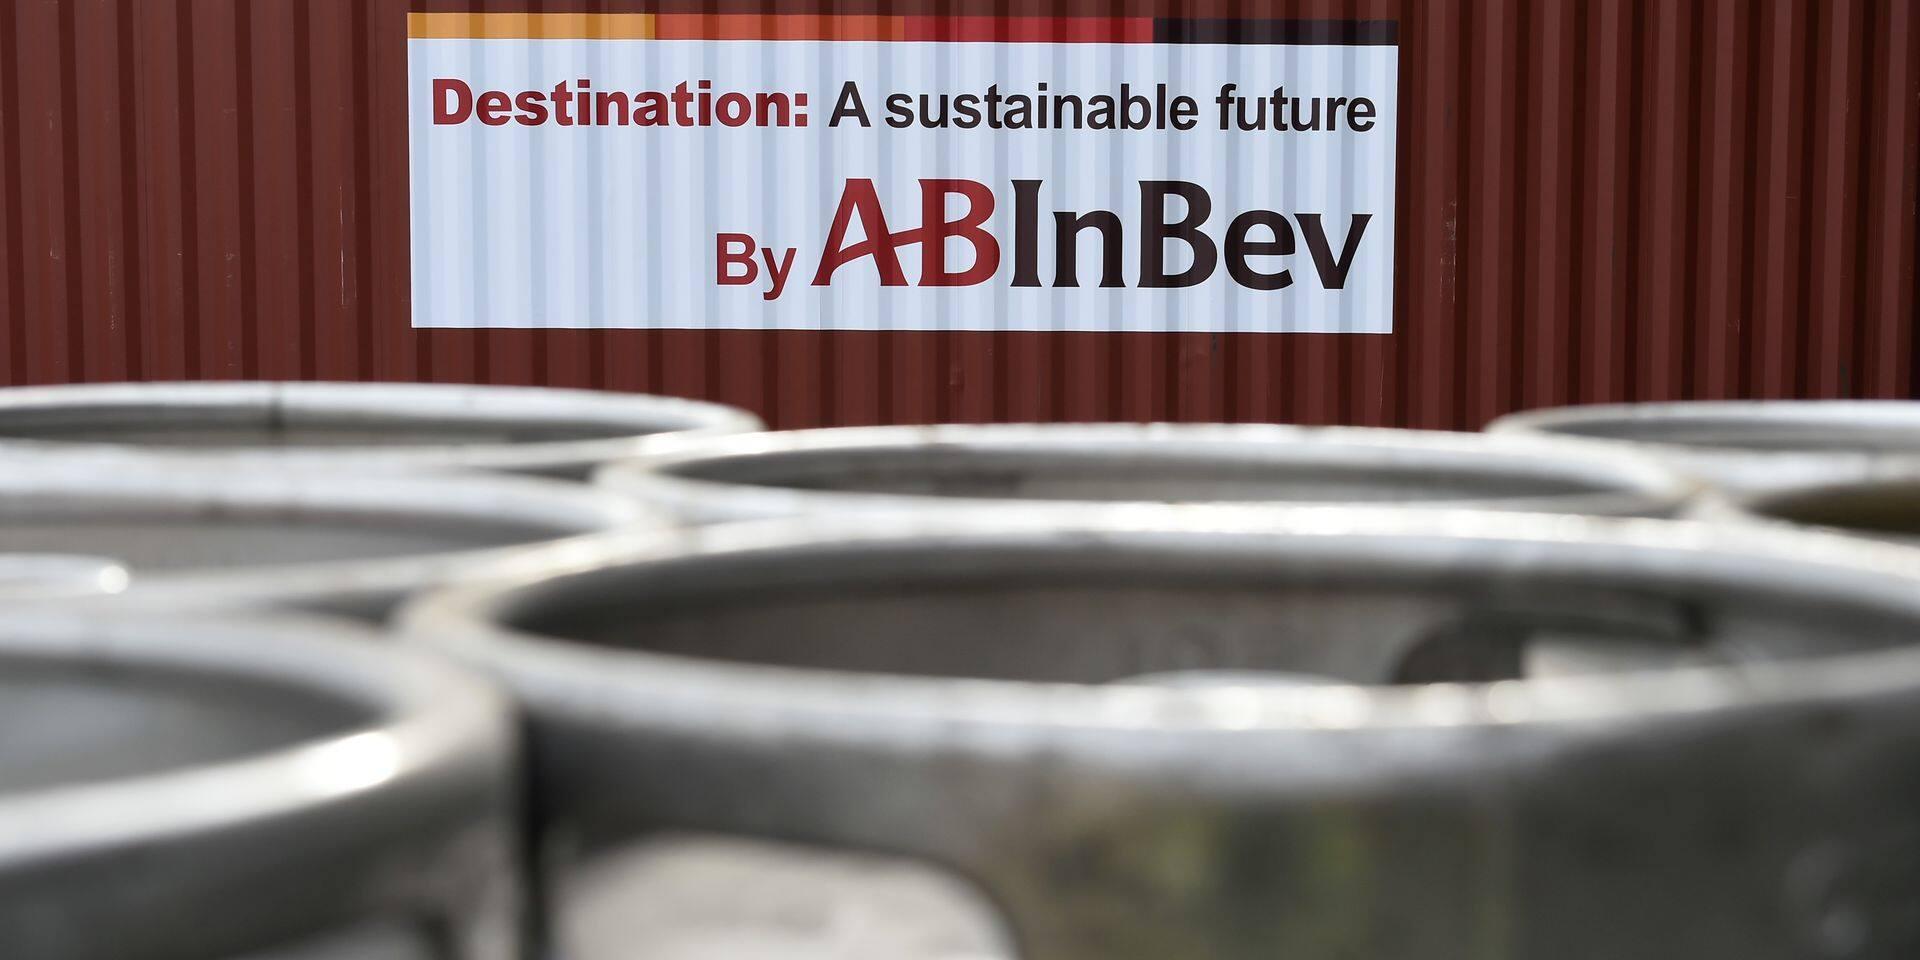 La Commission européenne inflige une amende de 200 millions d'euros à AB InBev